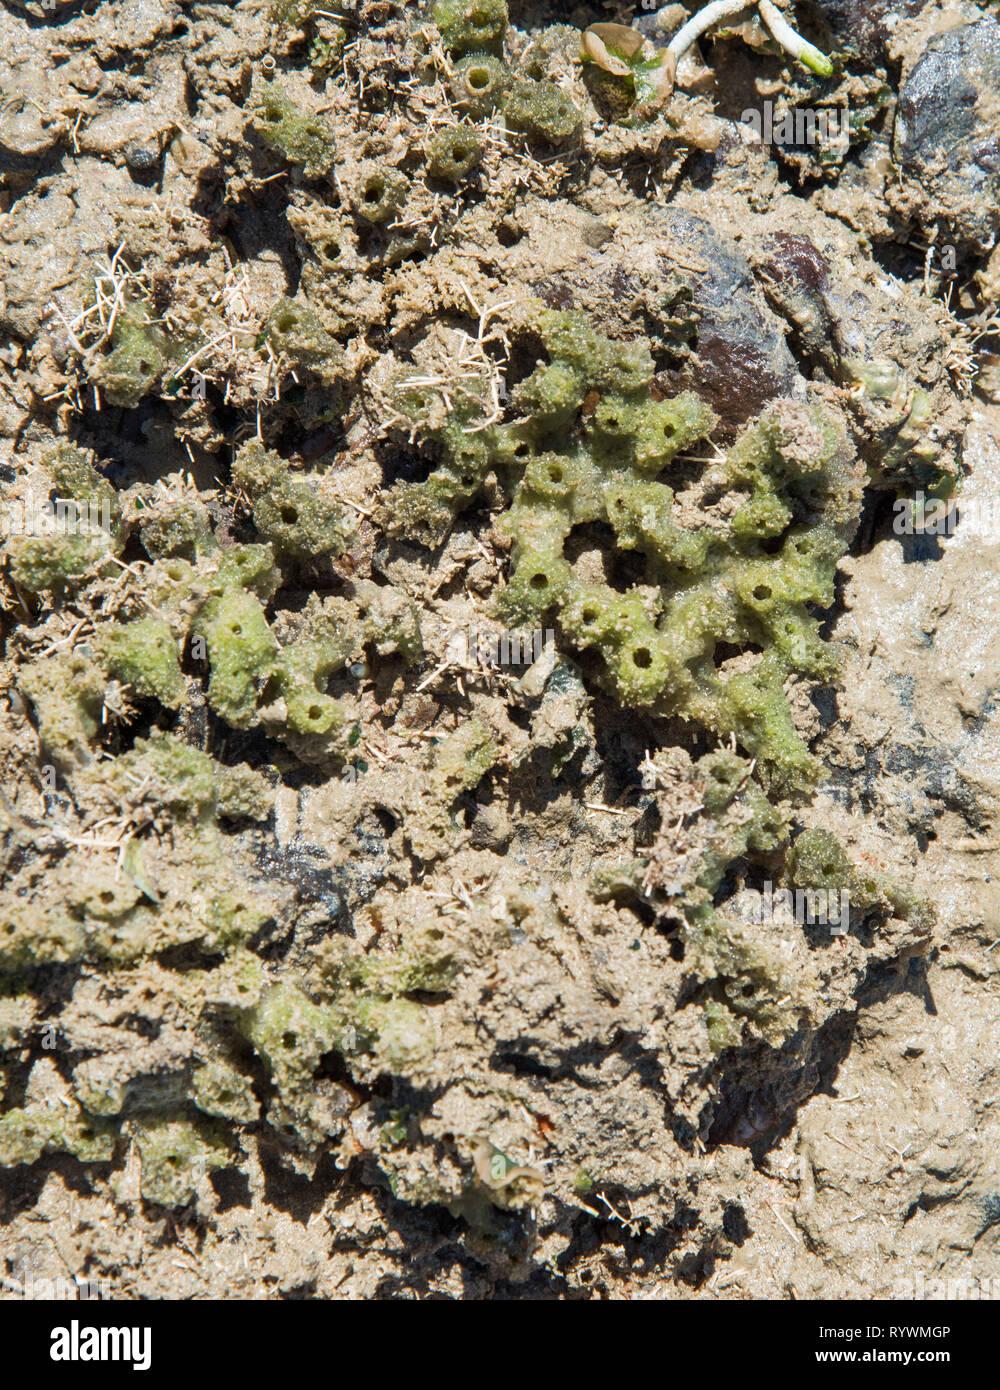 Los organismos vivos crecen en el arrecife natural en la marea baja en la Casuarina reserva costera en el Territorio del Norte de Australia Foto de stock